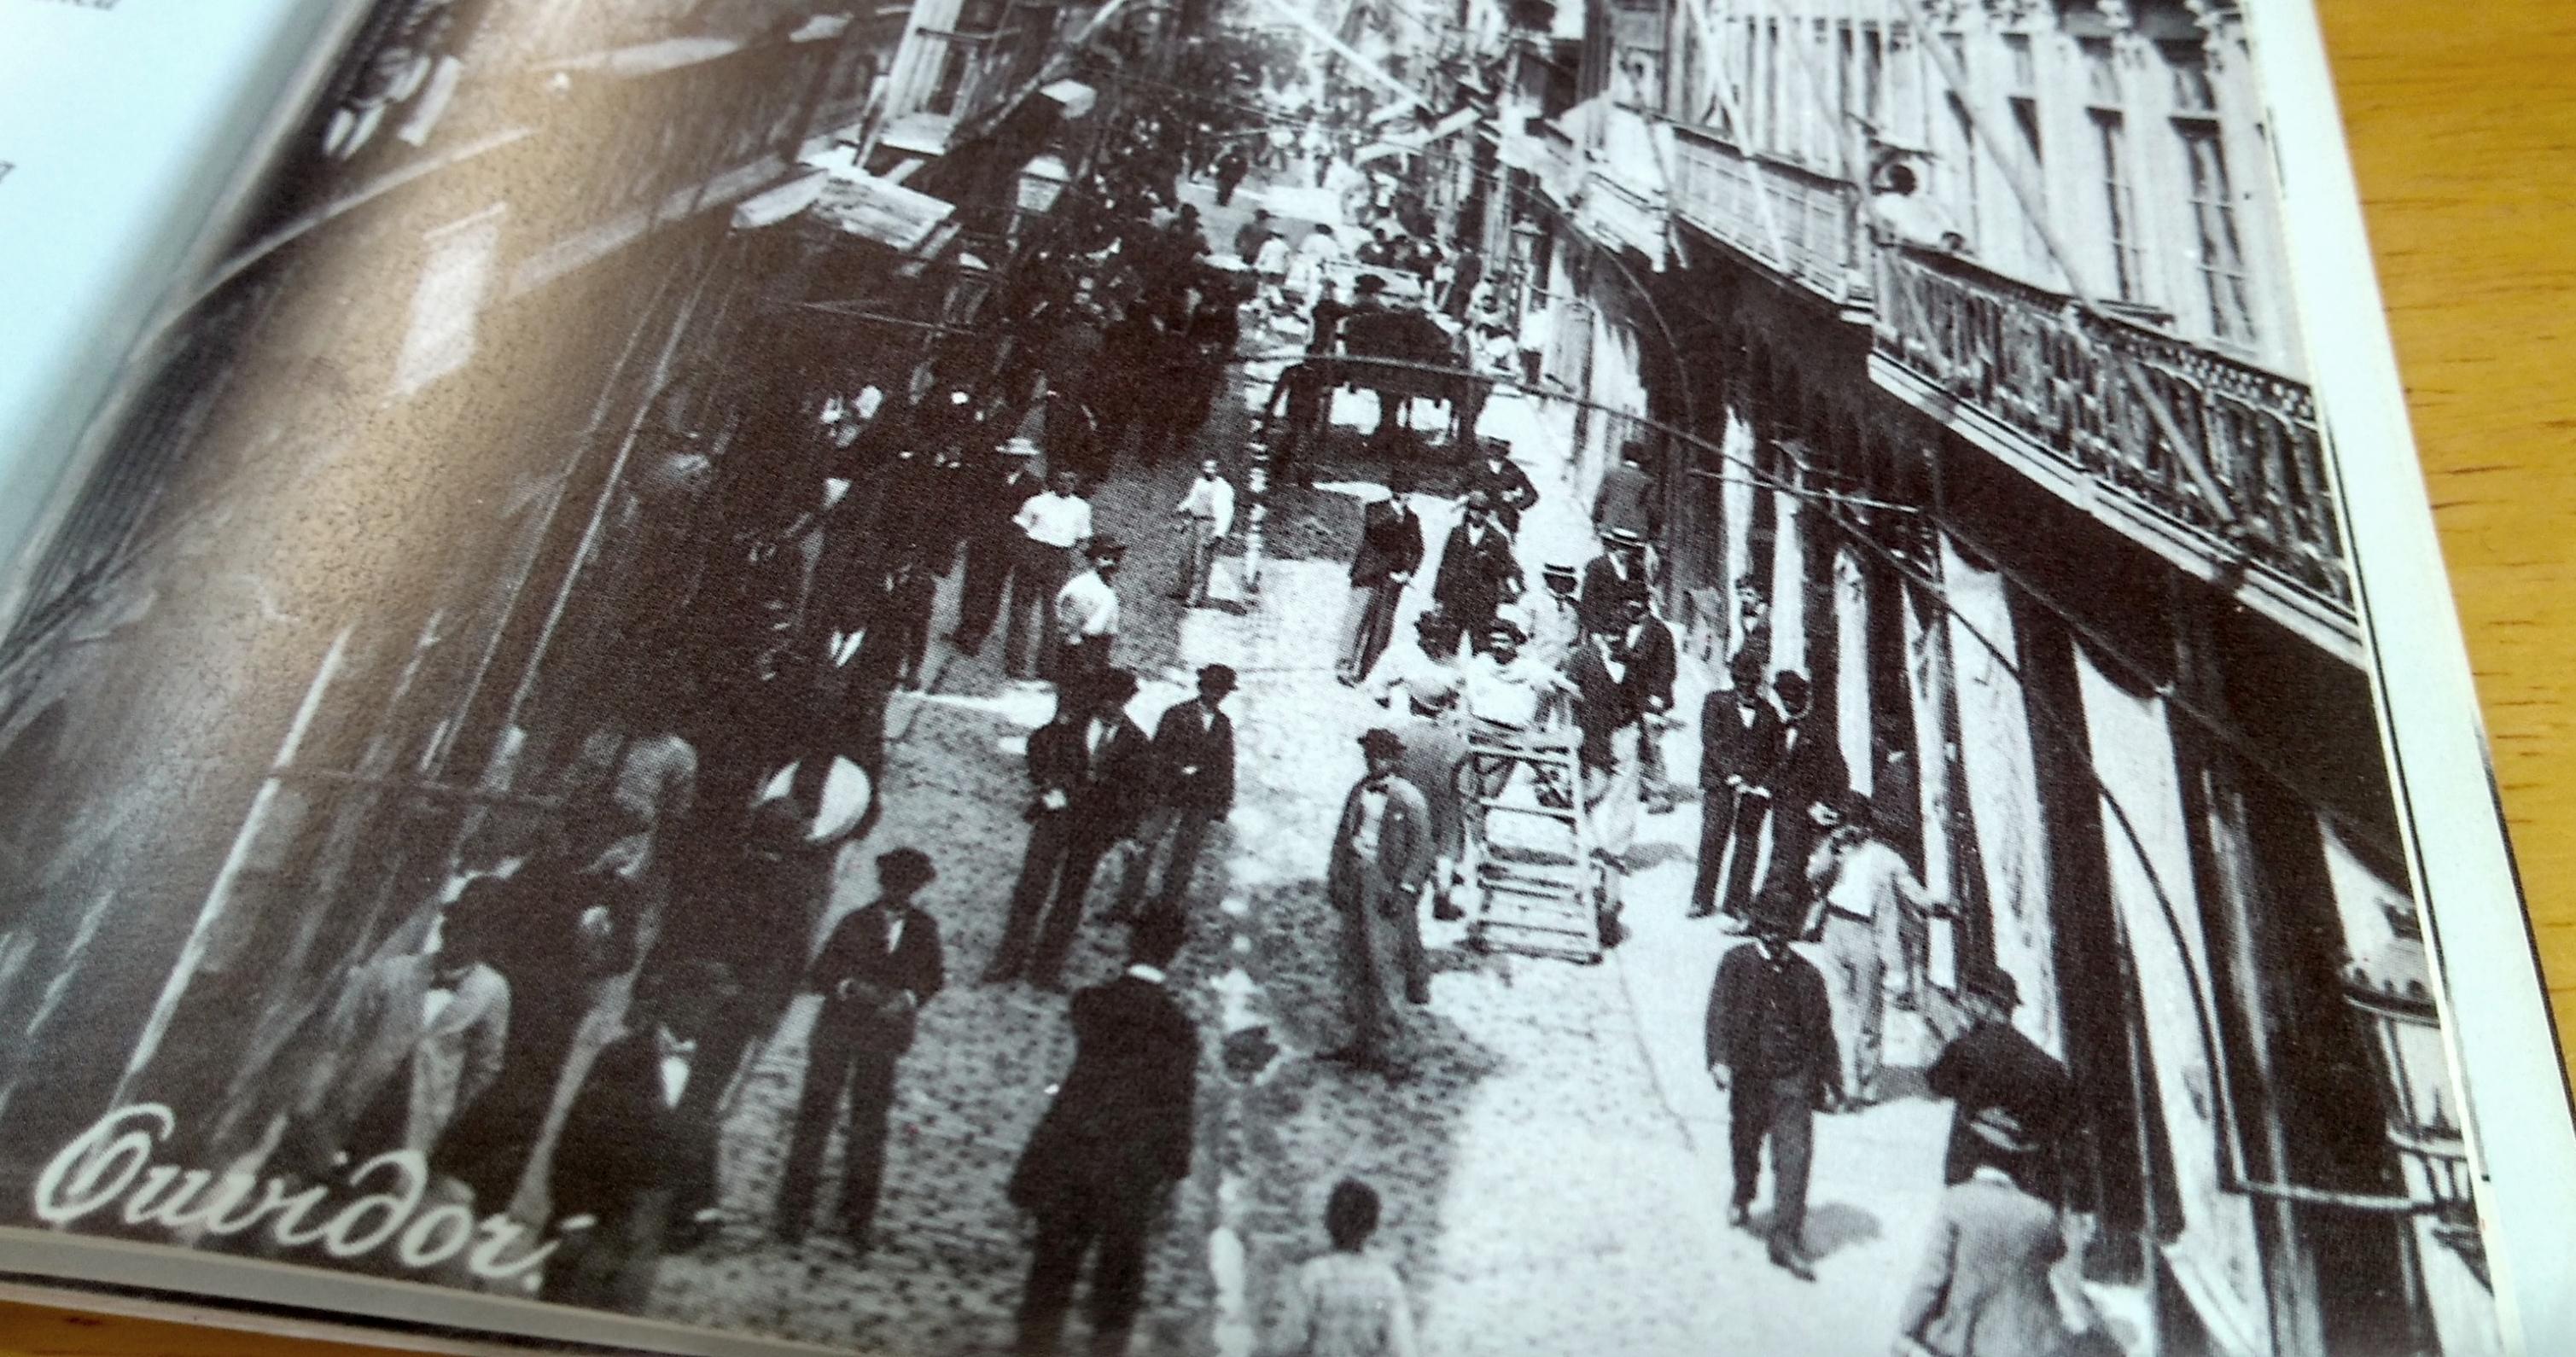 página de livro com foto antiga, em preto e branco, da rua do ouvidor, cheia de gente.